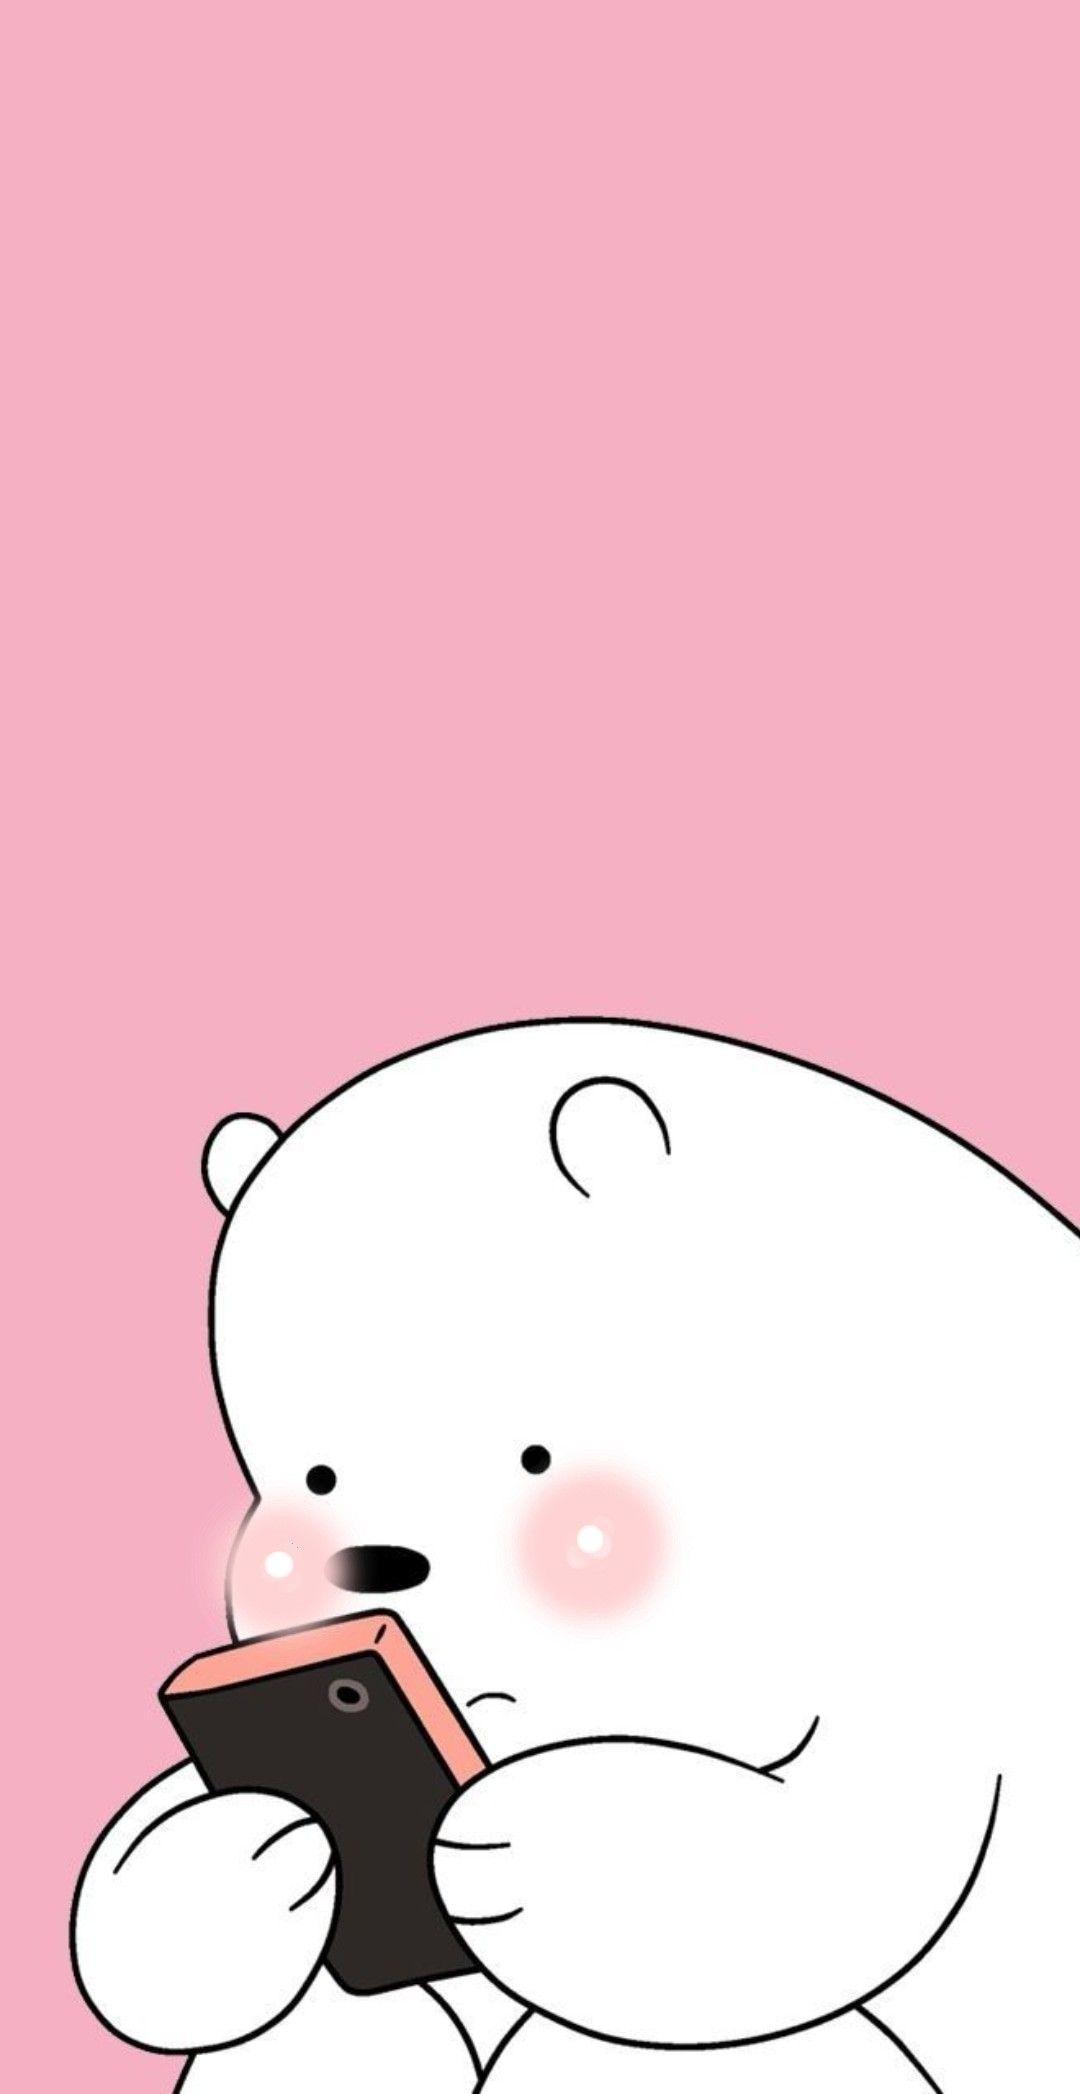 We Bare Bears Icebear Cute Webarebears Icebear Cute Kartun Animasi Gambar Hewan Lucu